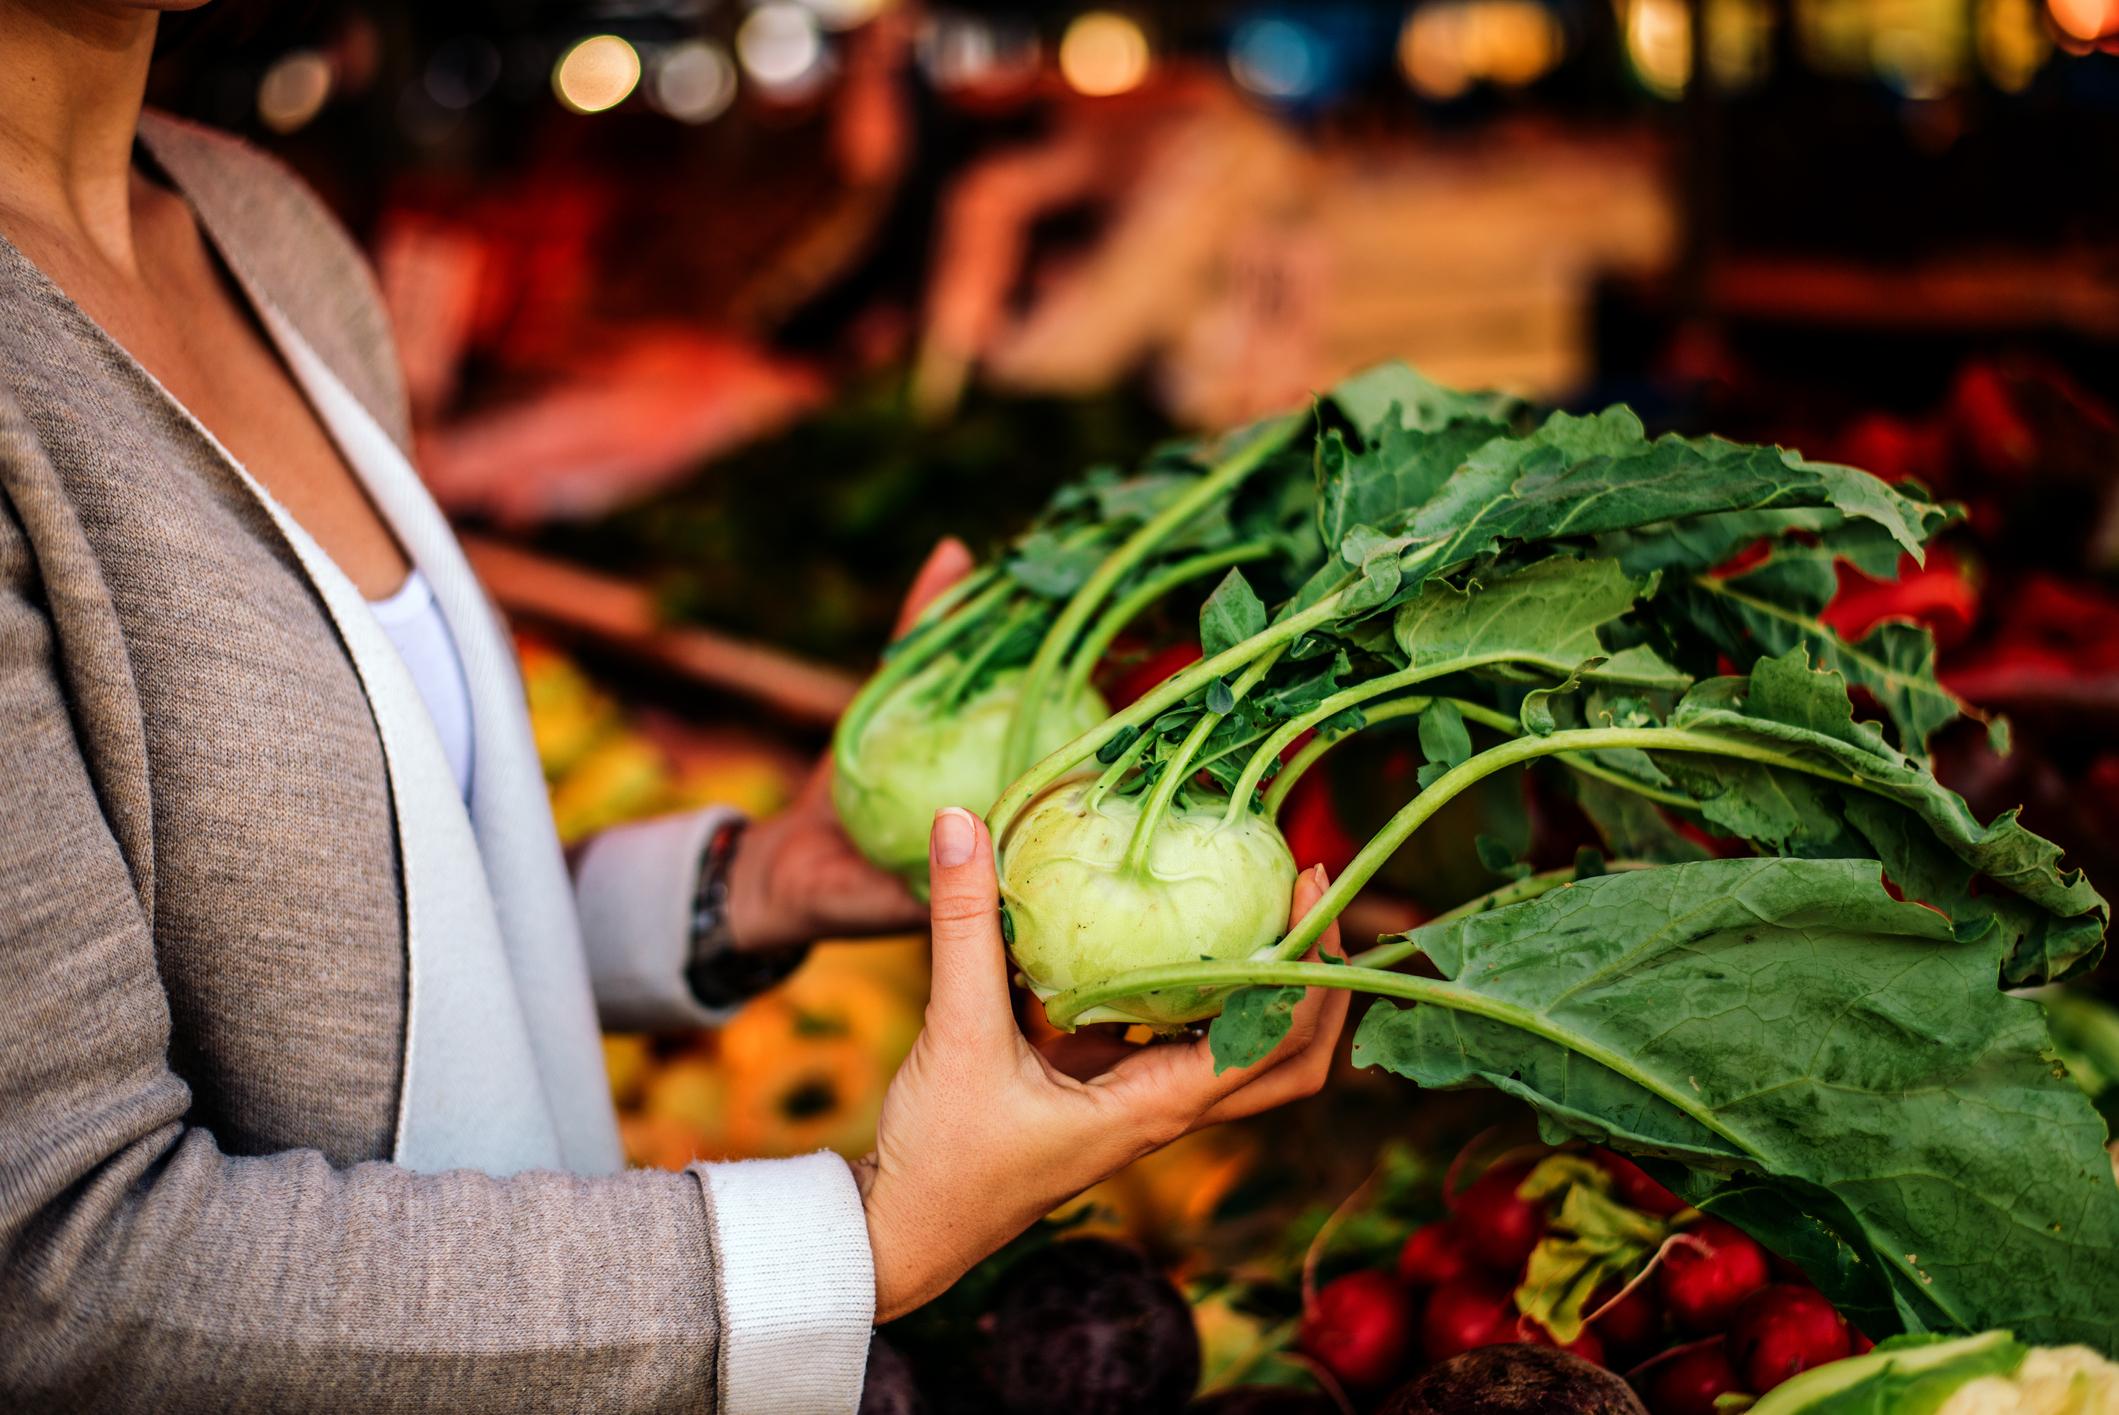 Često se u ovo doba godine žalimo kako je izbor povrća mali. Ili tražimo izgovore da ga ne jedemo?